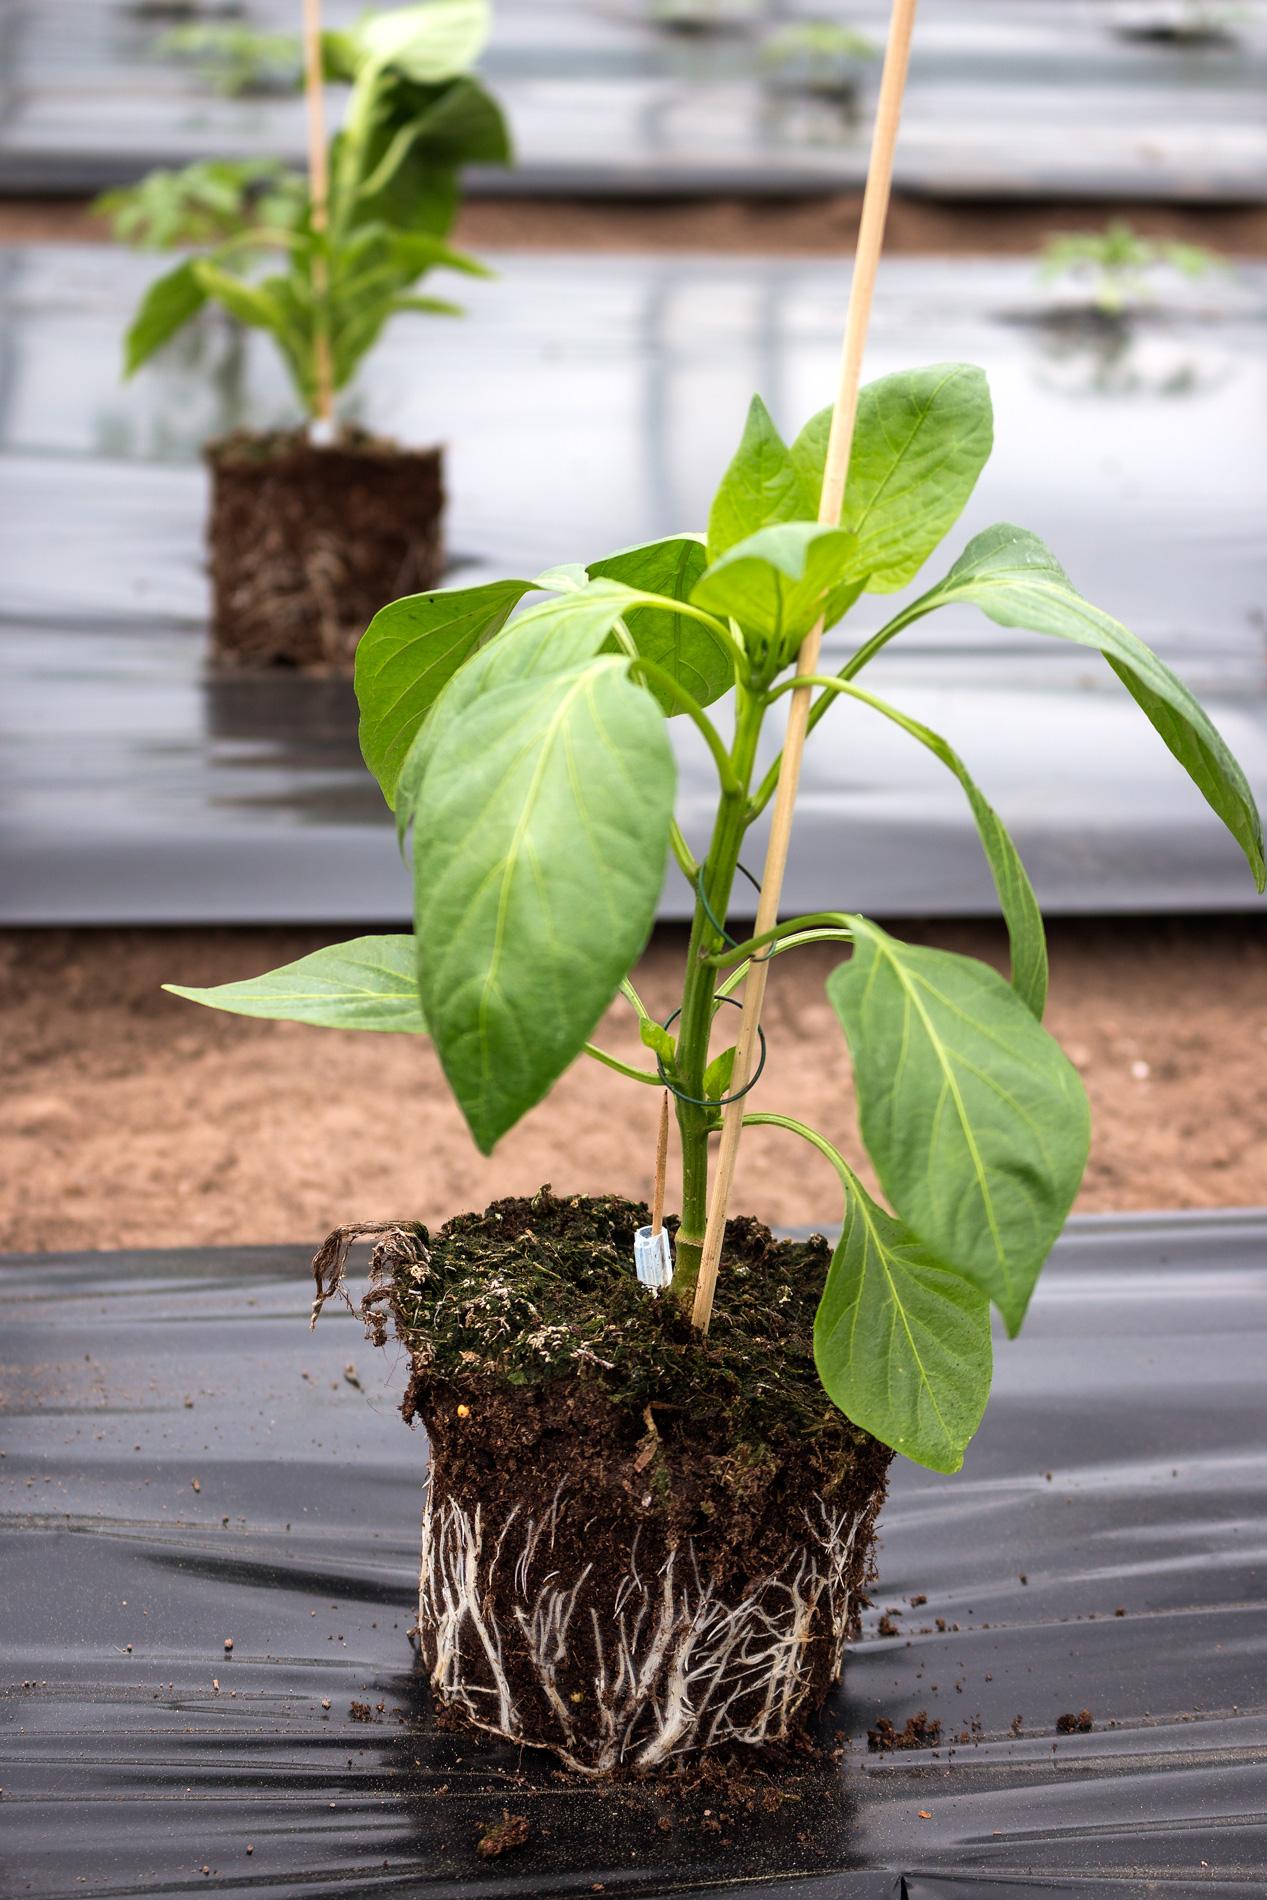 Paprikapflanze-mit-Ballen